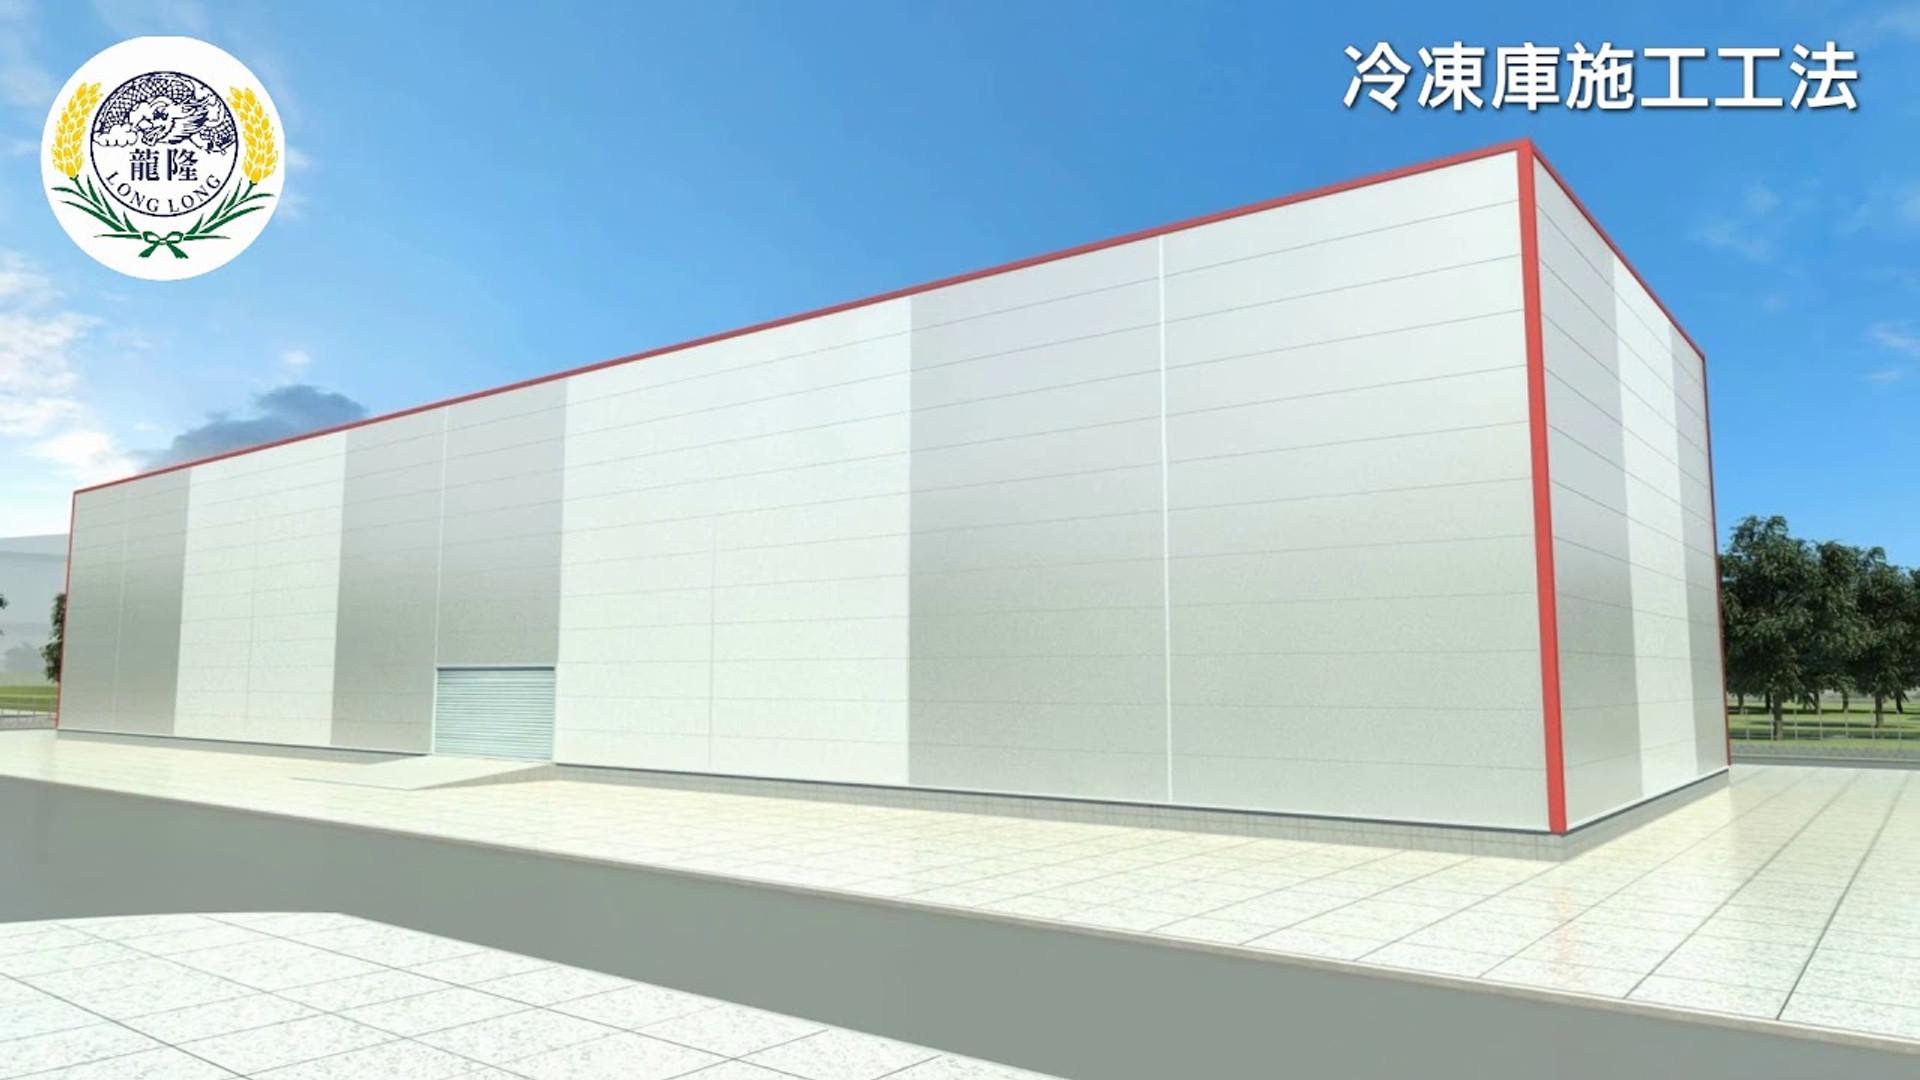 鋼構外牆板/PIR冷庫板/無塵室 3D動畫施工影片